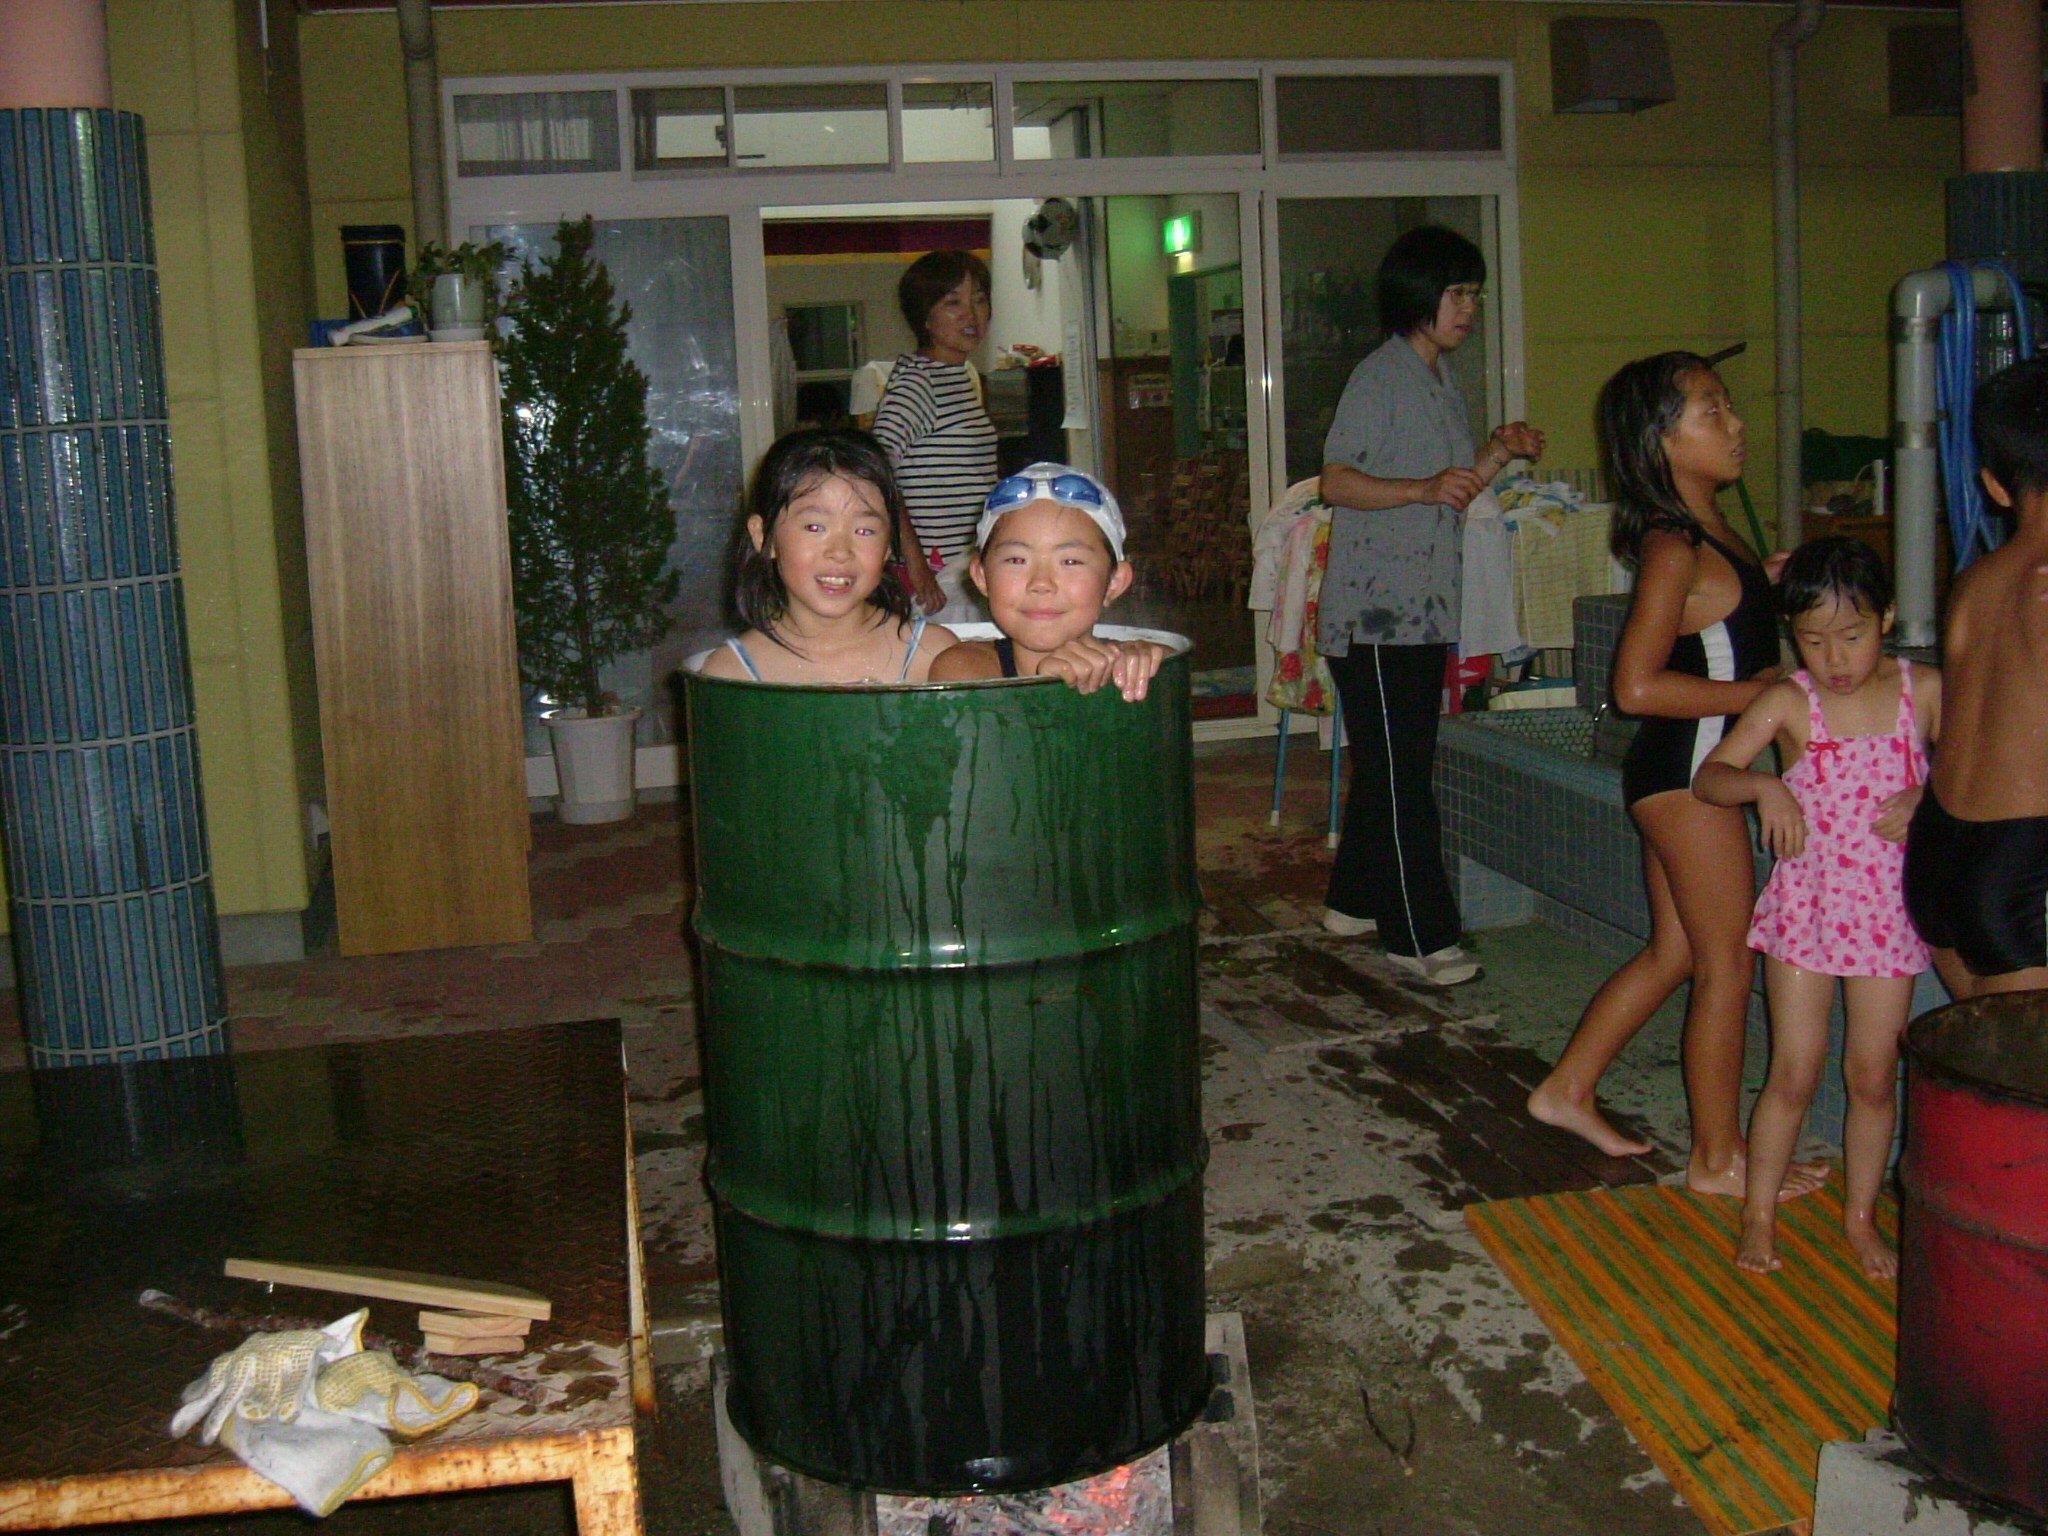 jsドラム缶風呂 裸 ドラム缶風呂 ...